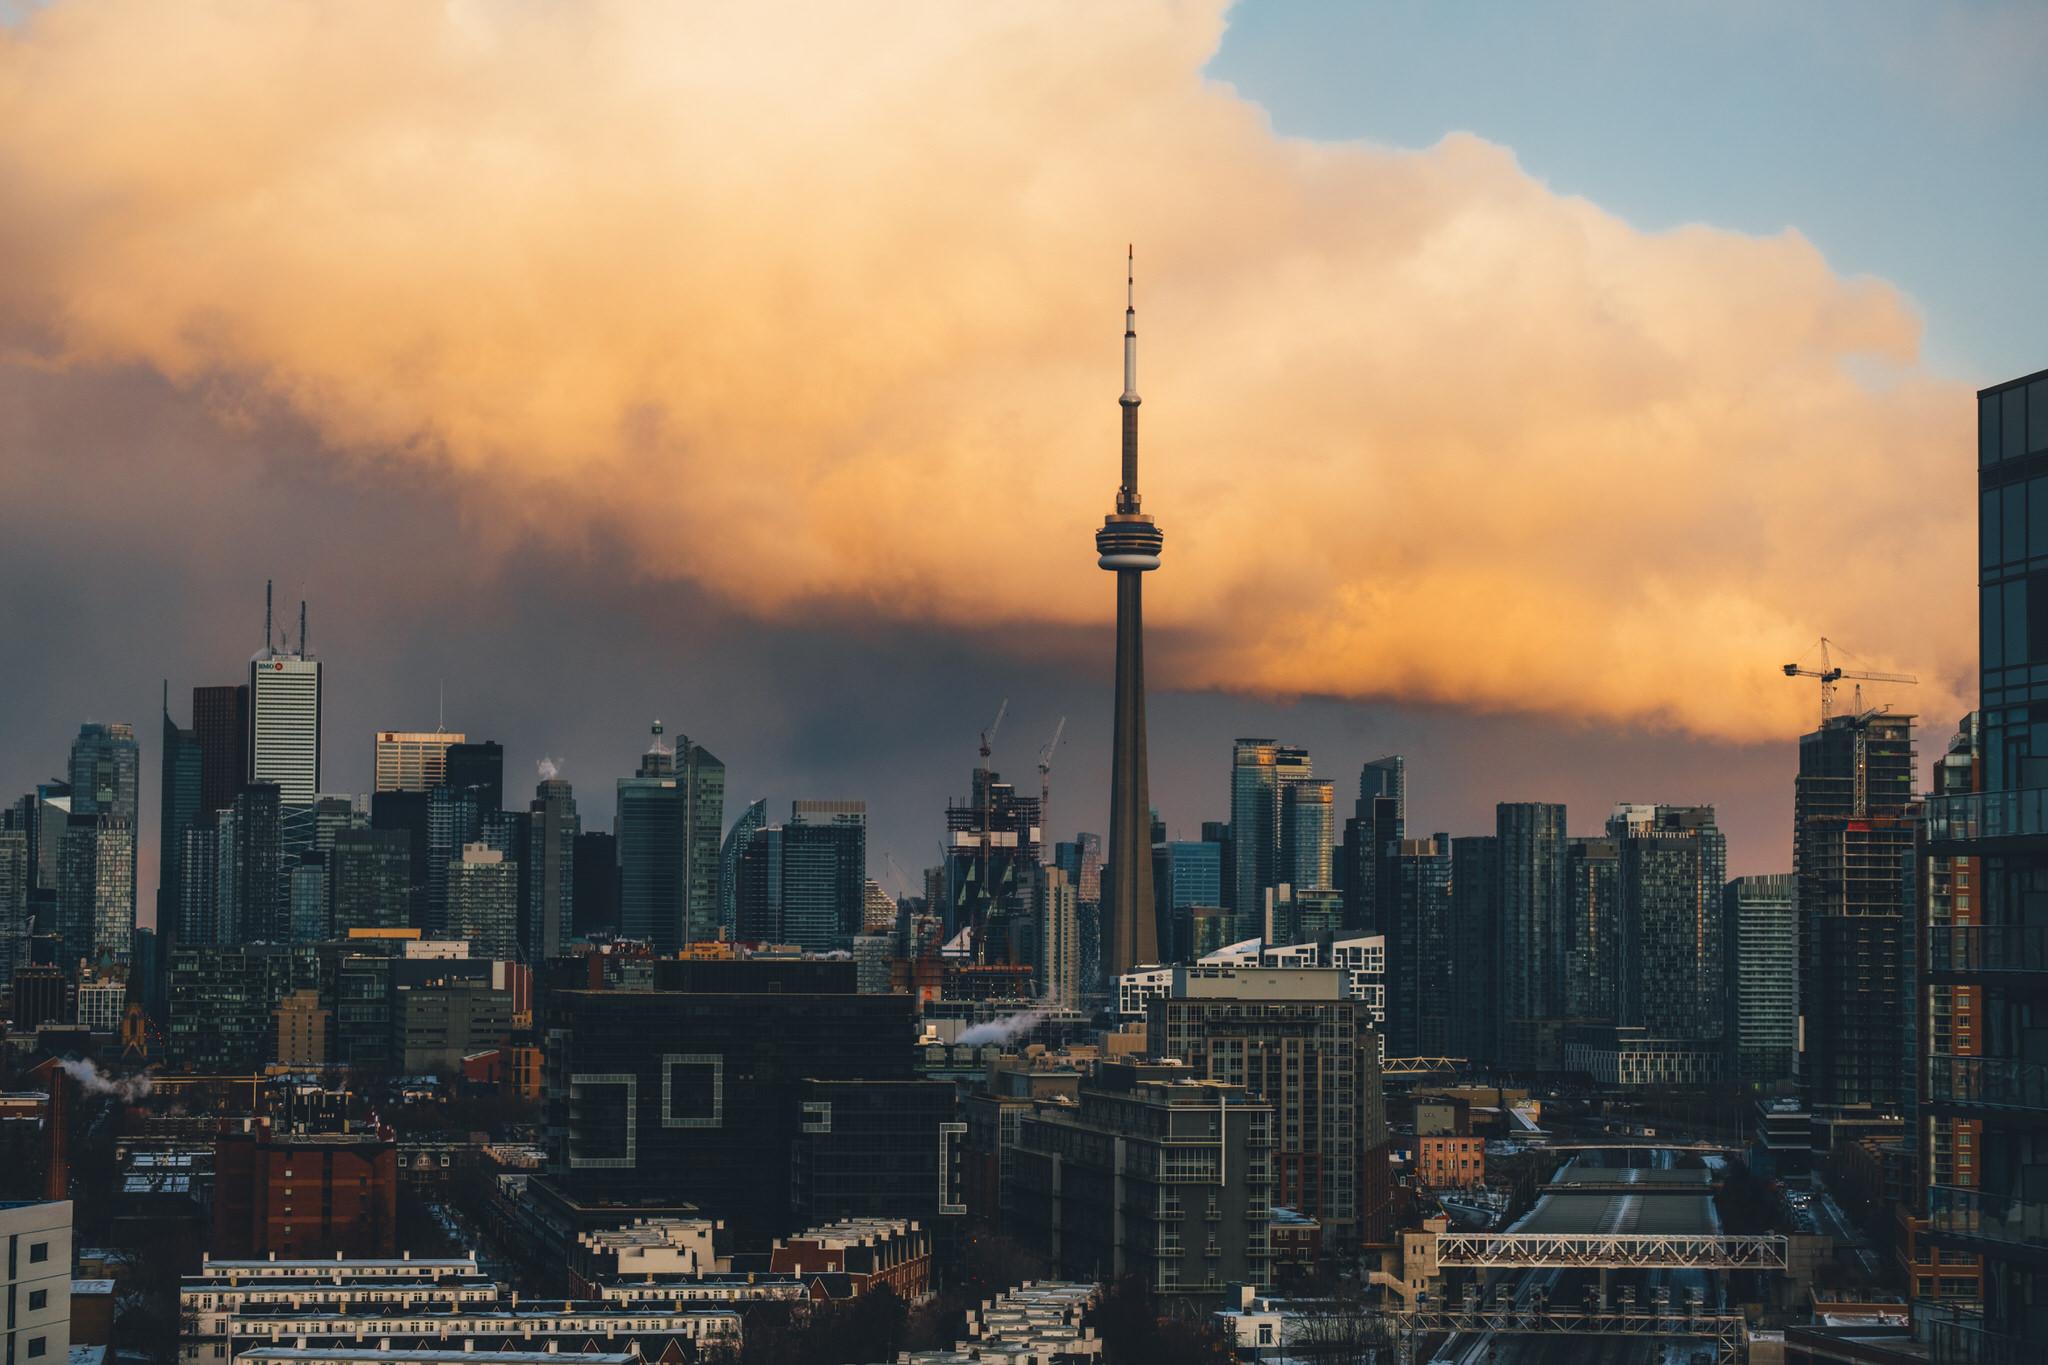 Dramatic Sky over Toronto Skyline